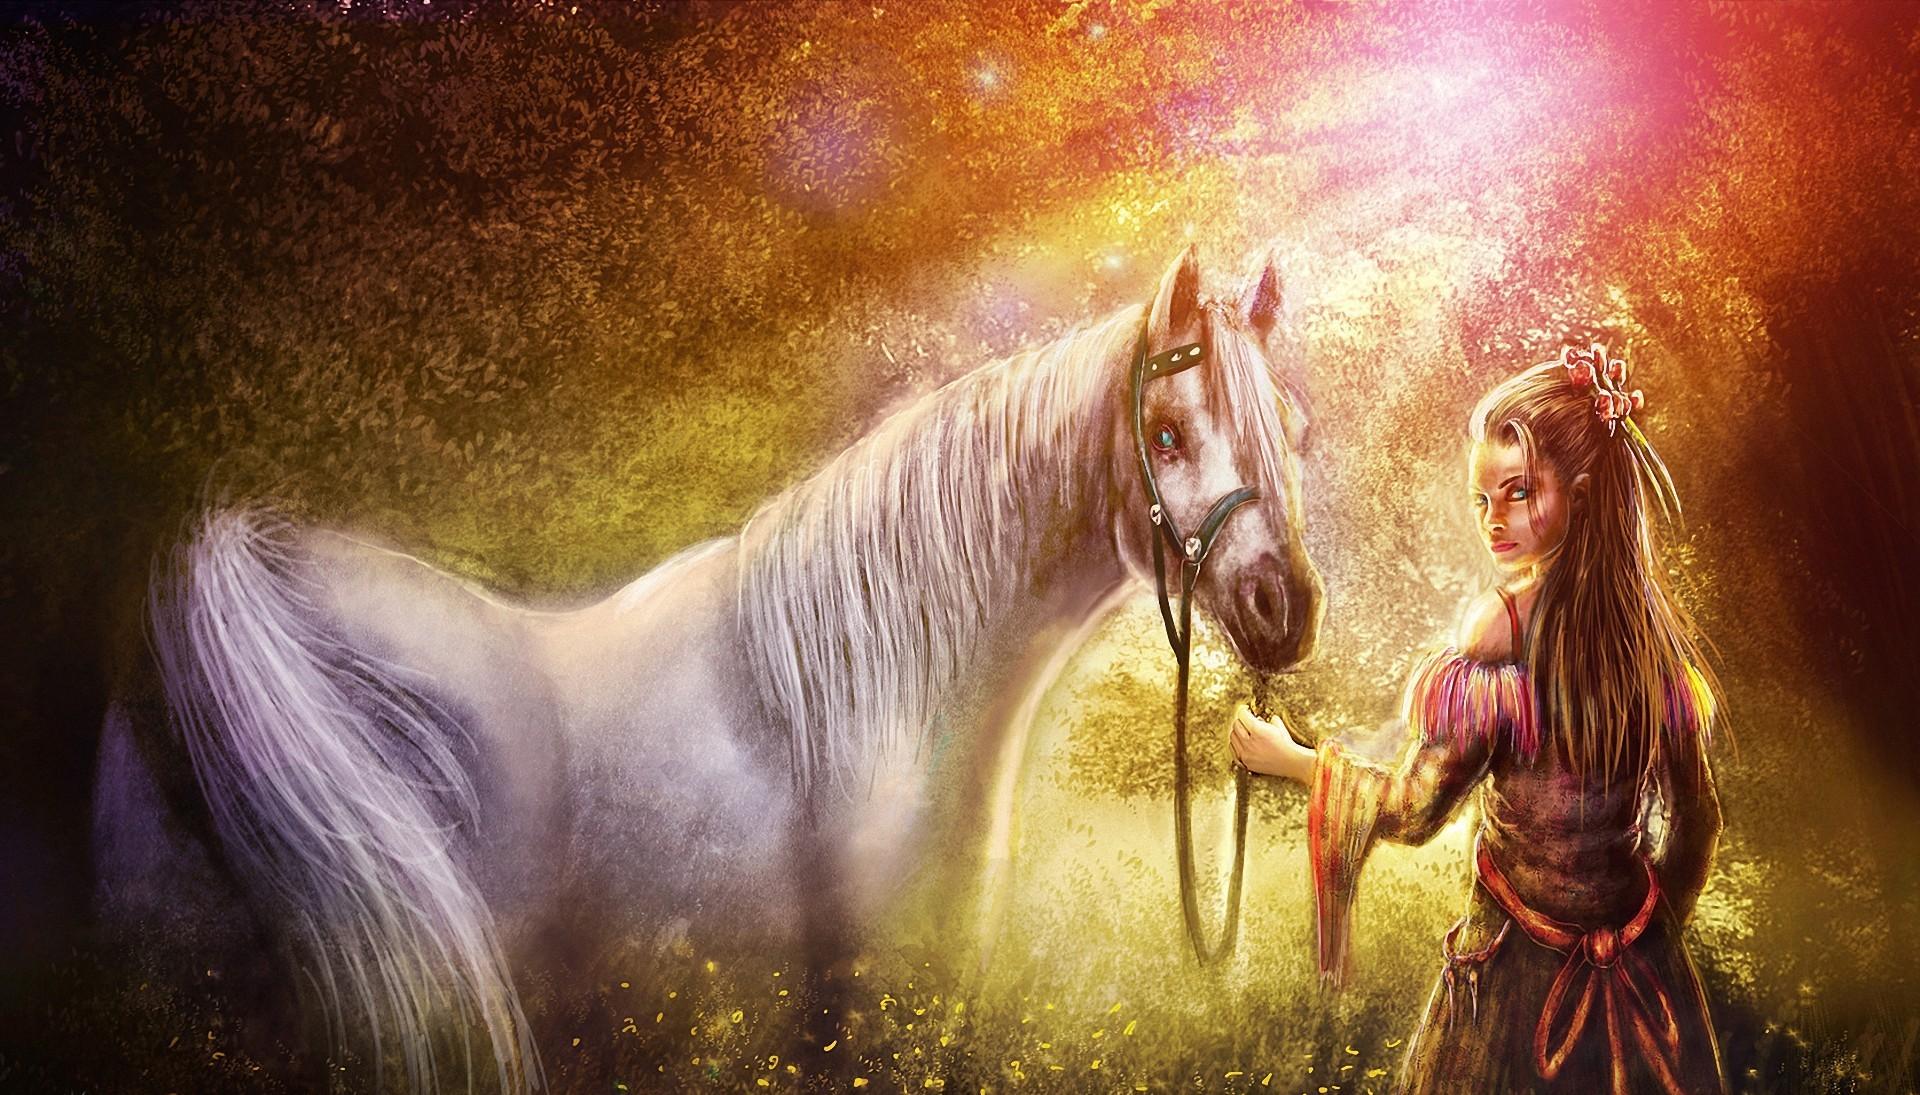 154909 Hintergrundbild herunterladen Fantasie, Natur, Mädchen, Kunst, Wald, Pferd - Bildschirmschoner und Bilder kostenlos